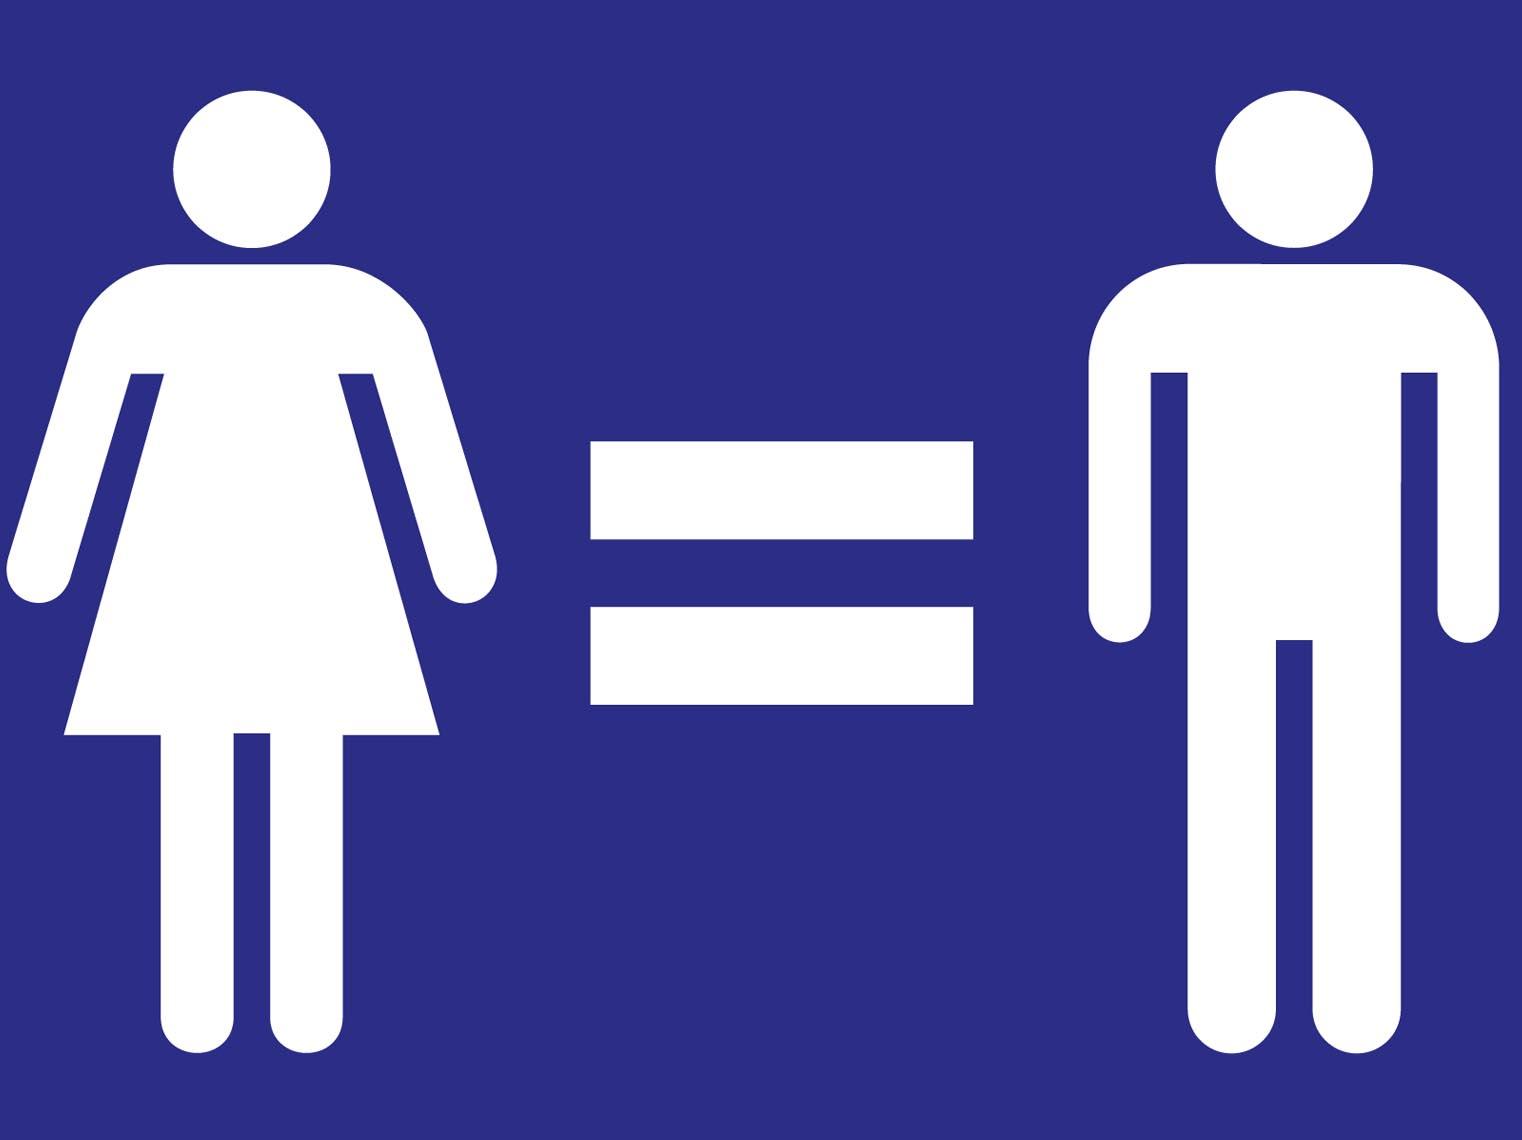 ley 03 07 22 marzo igualdad: